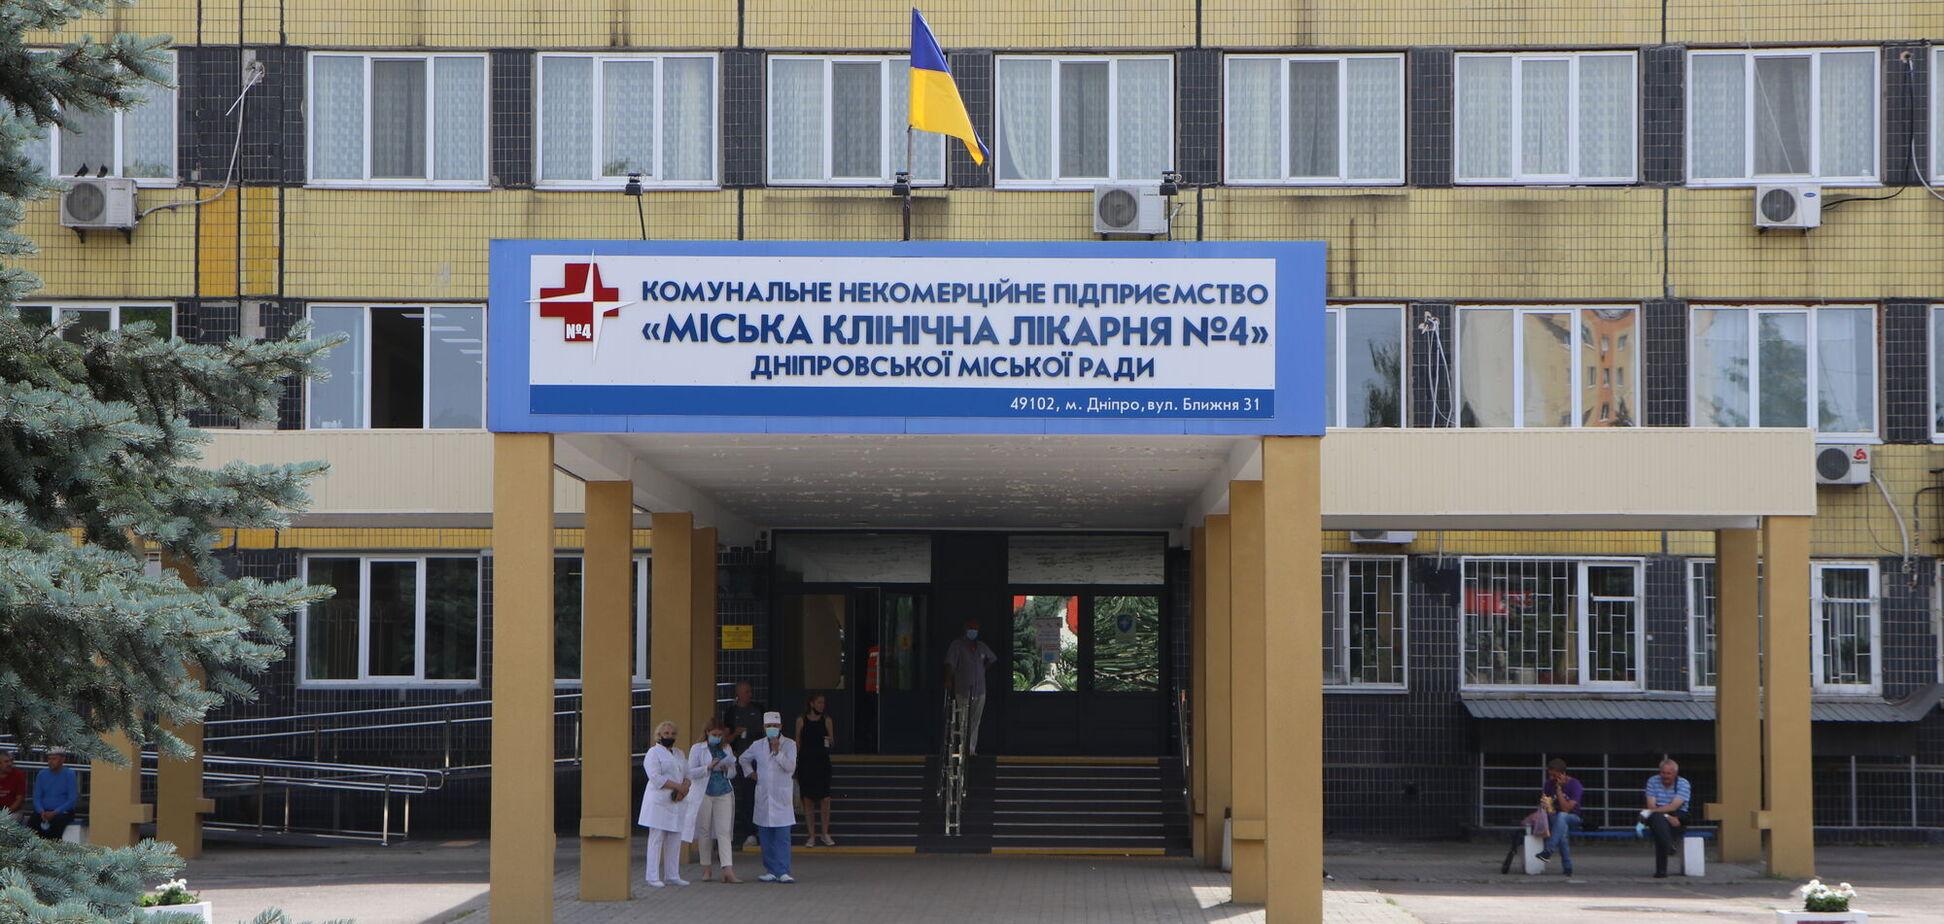 В Днепровской городской клинической больнице №4 появилось новое оборудование